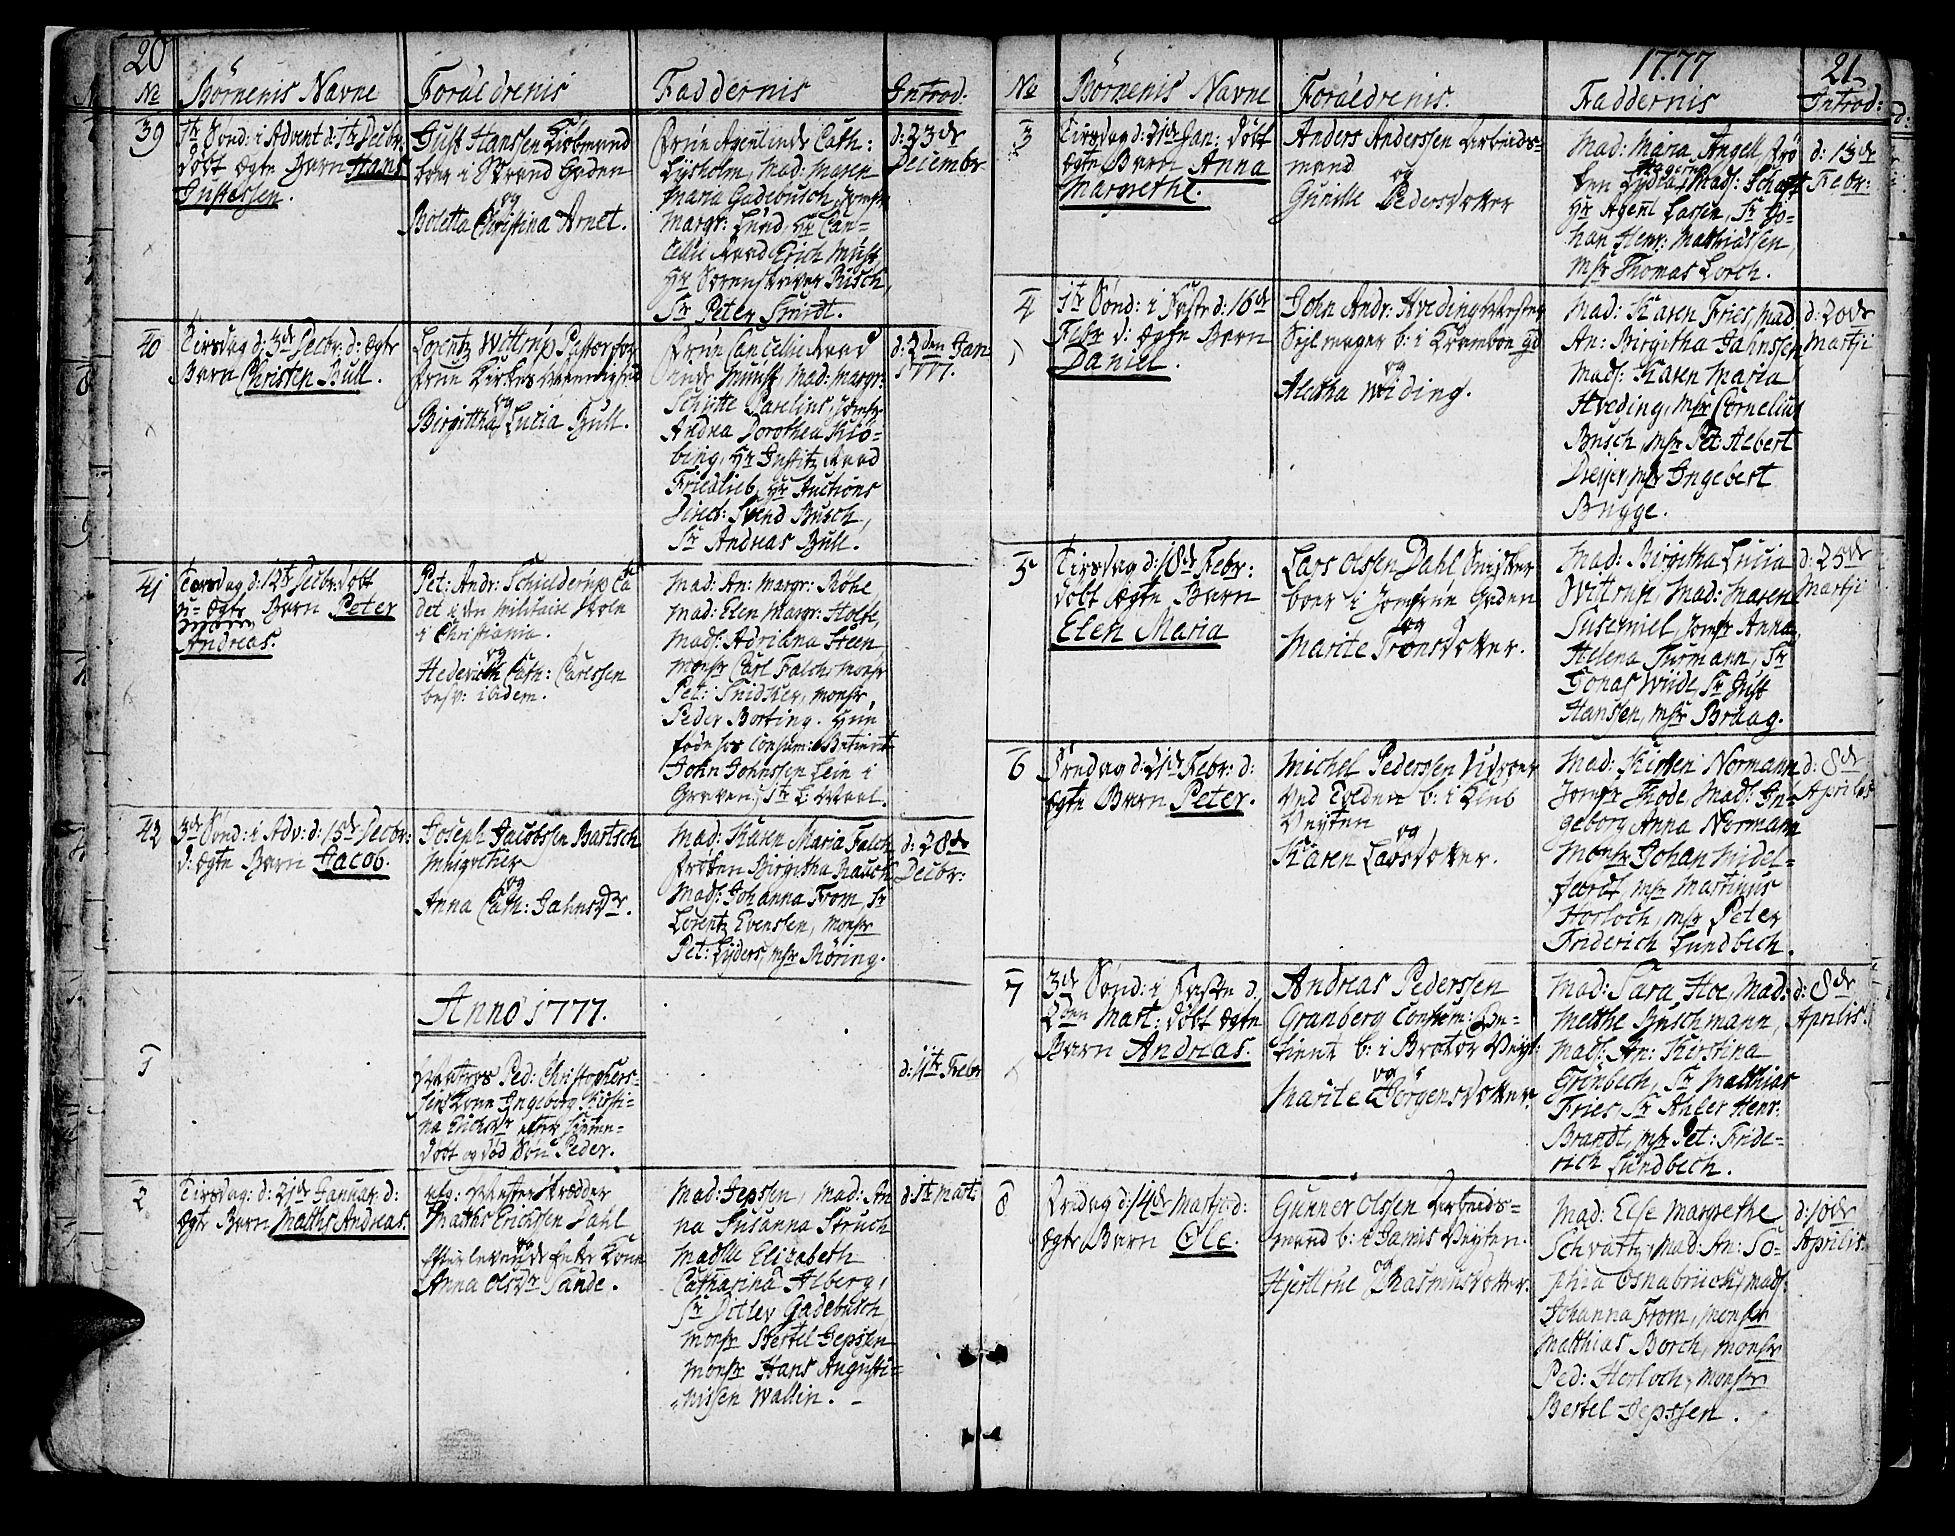 SAT, Ministerialprotokoller, klokkerbøker og fødselsregistre - Sør-Trøndelag, 602/L0104: Ministerialbok nr. 602A02, 1774-1814, s. 20-21